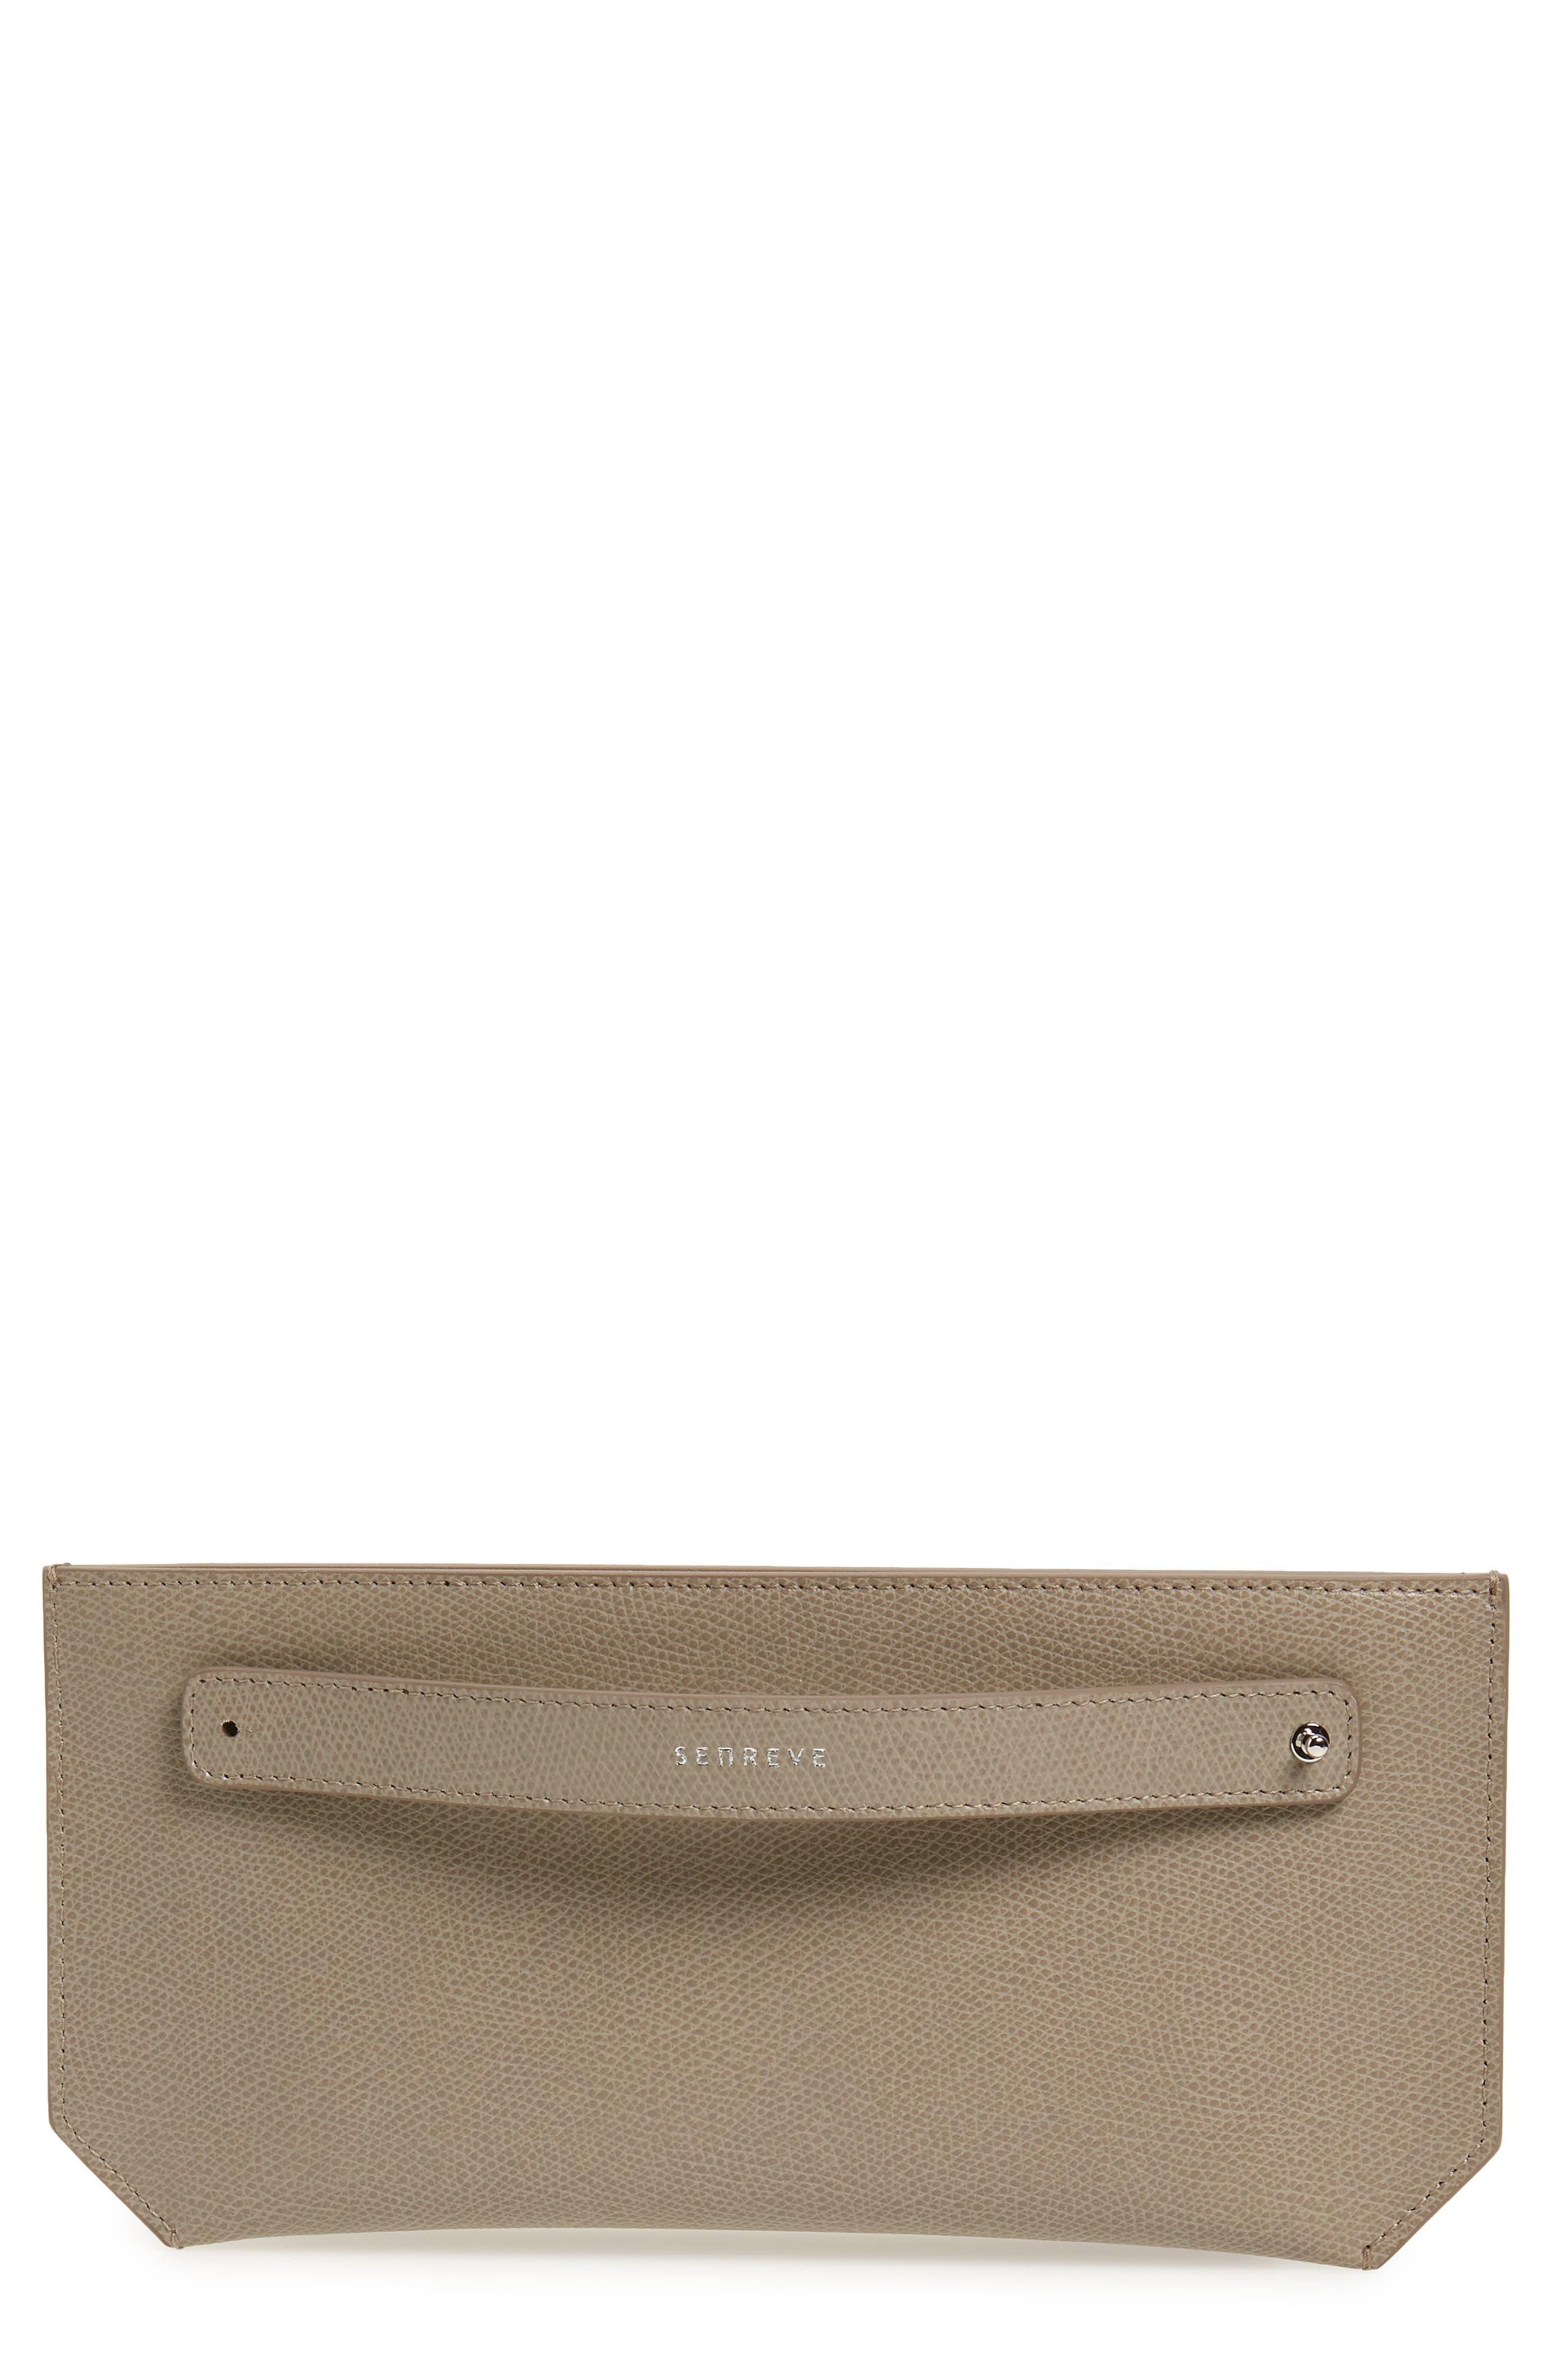 SENREVE, Pebbled Leather Bracelet Pouch, Main thumbnail 1, color, SAND